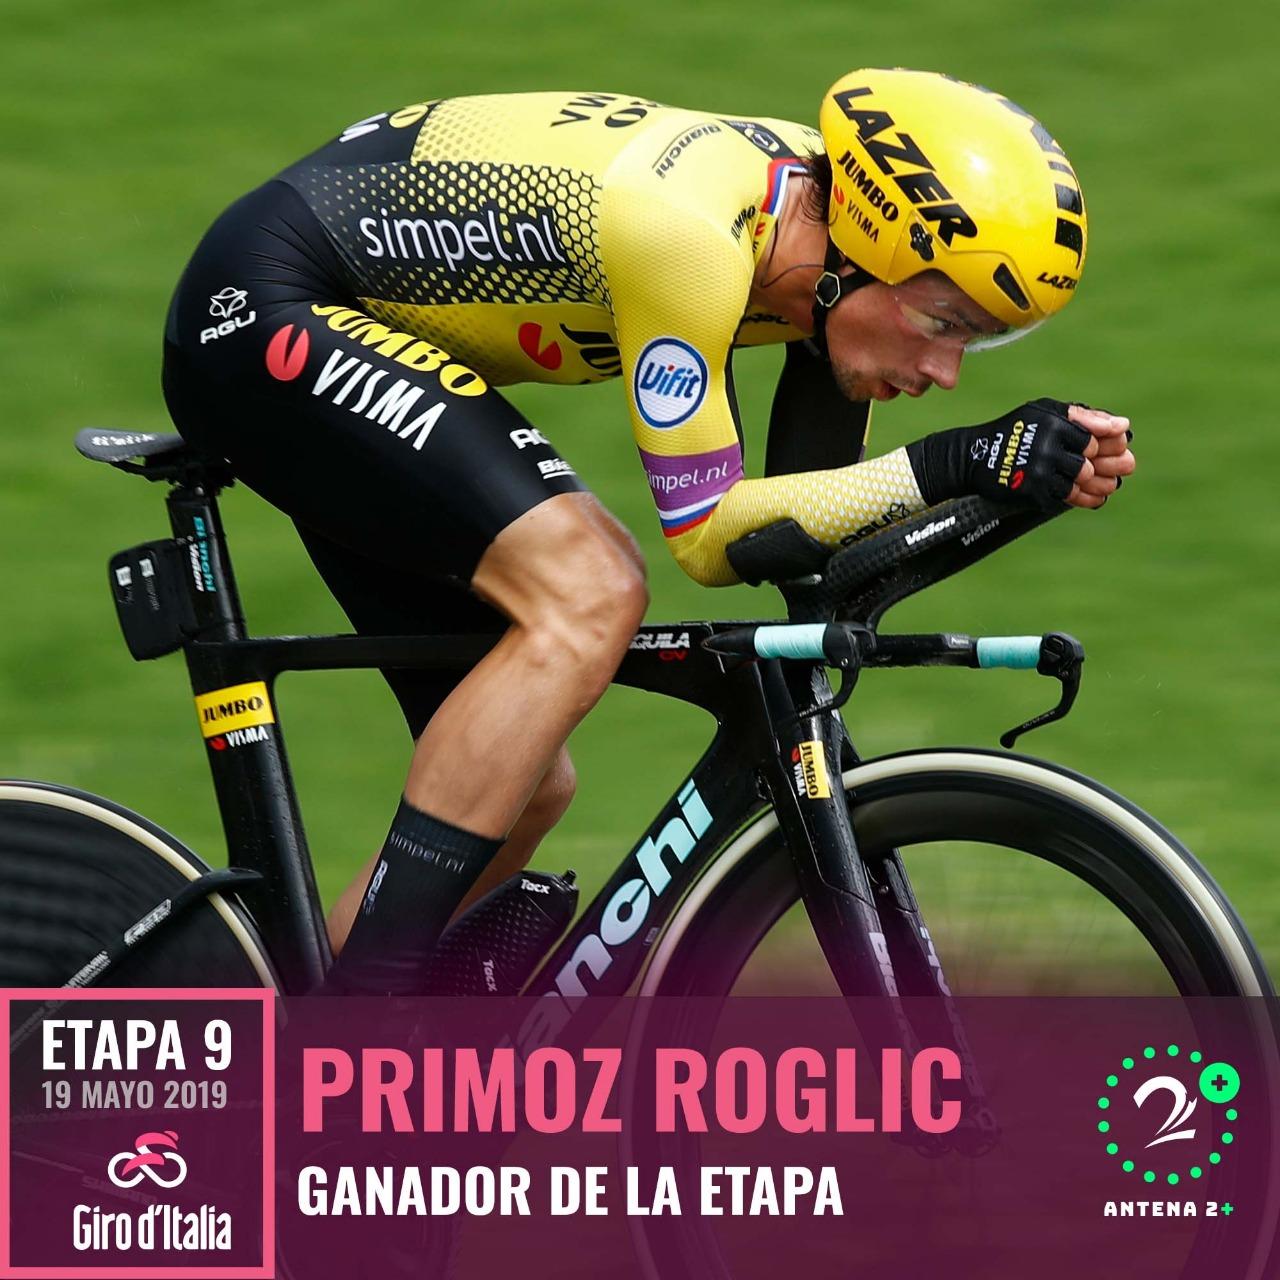 Primoz Roglic ganó la novena etapa del Giro de Italia